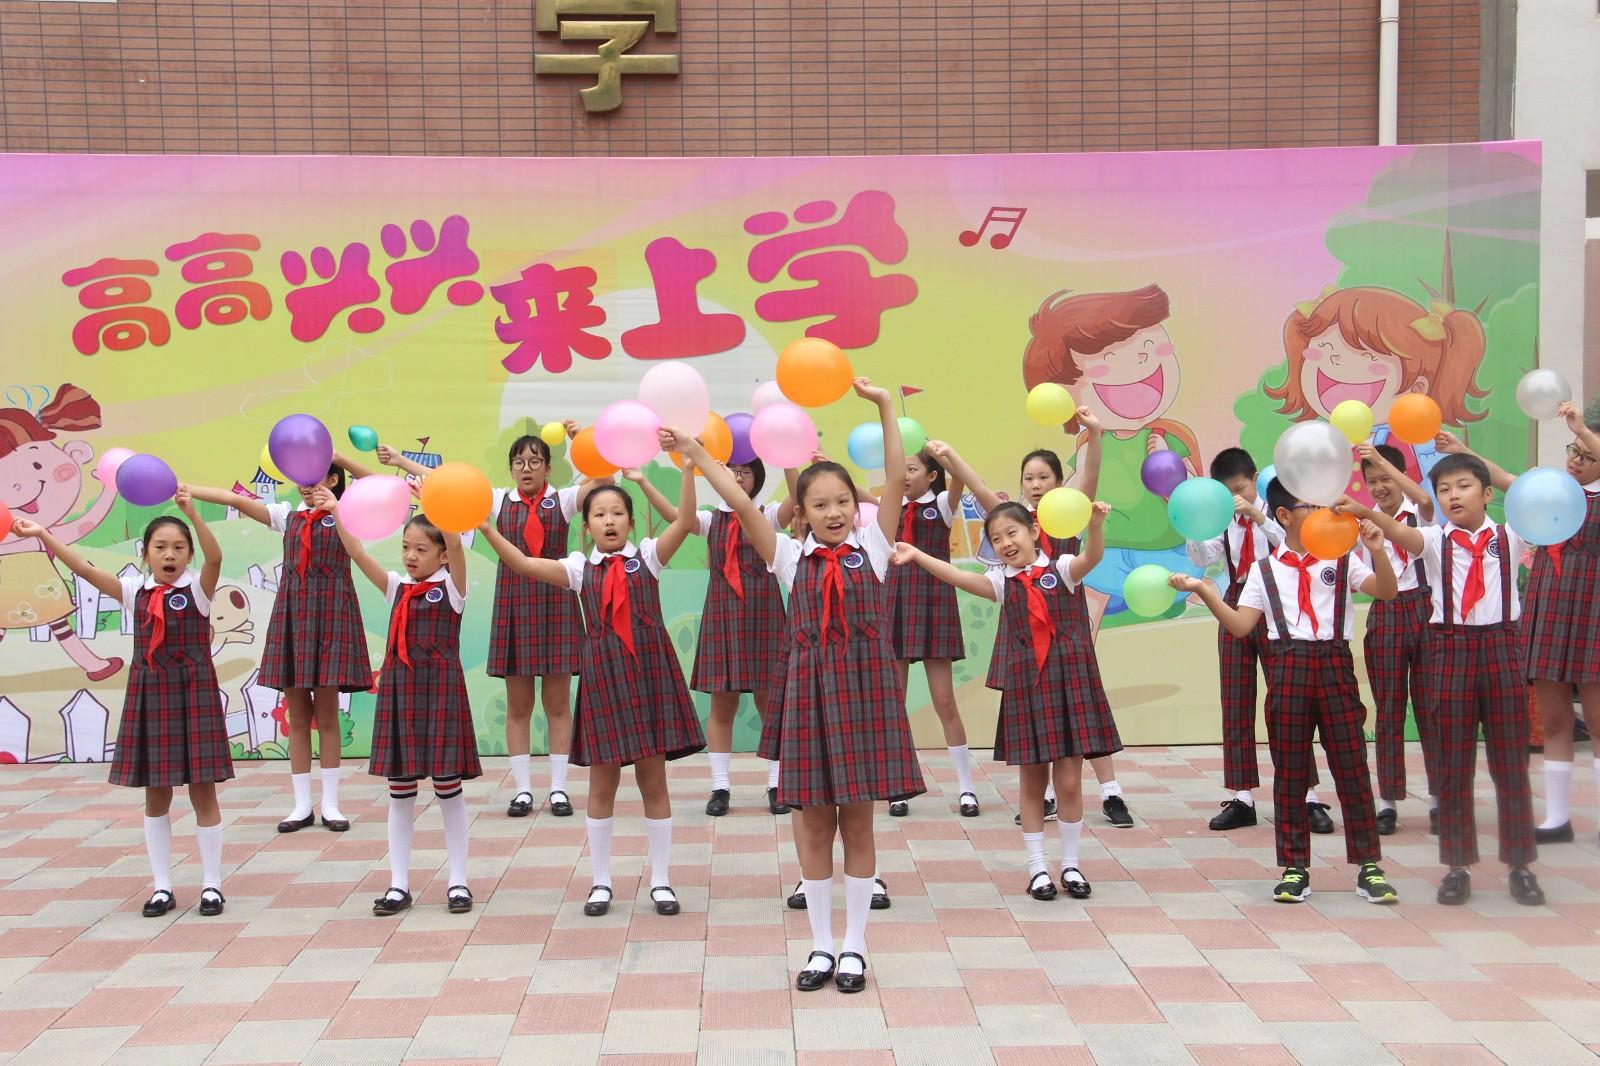 新学期的梦想在小学部合唱队的歌声中起航.jpg